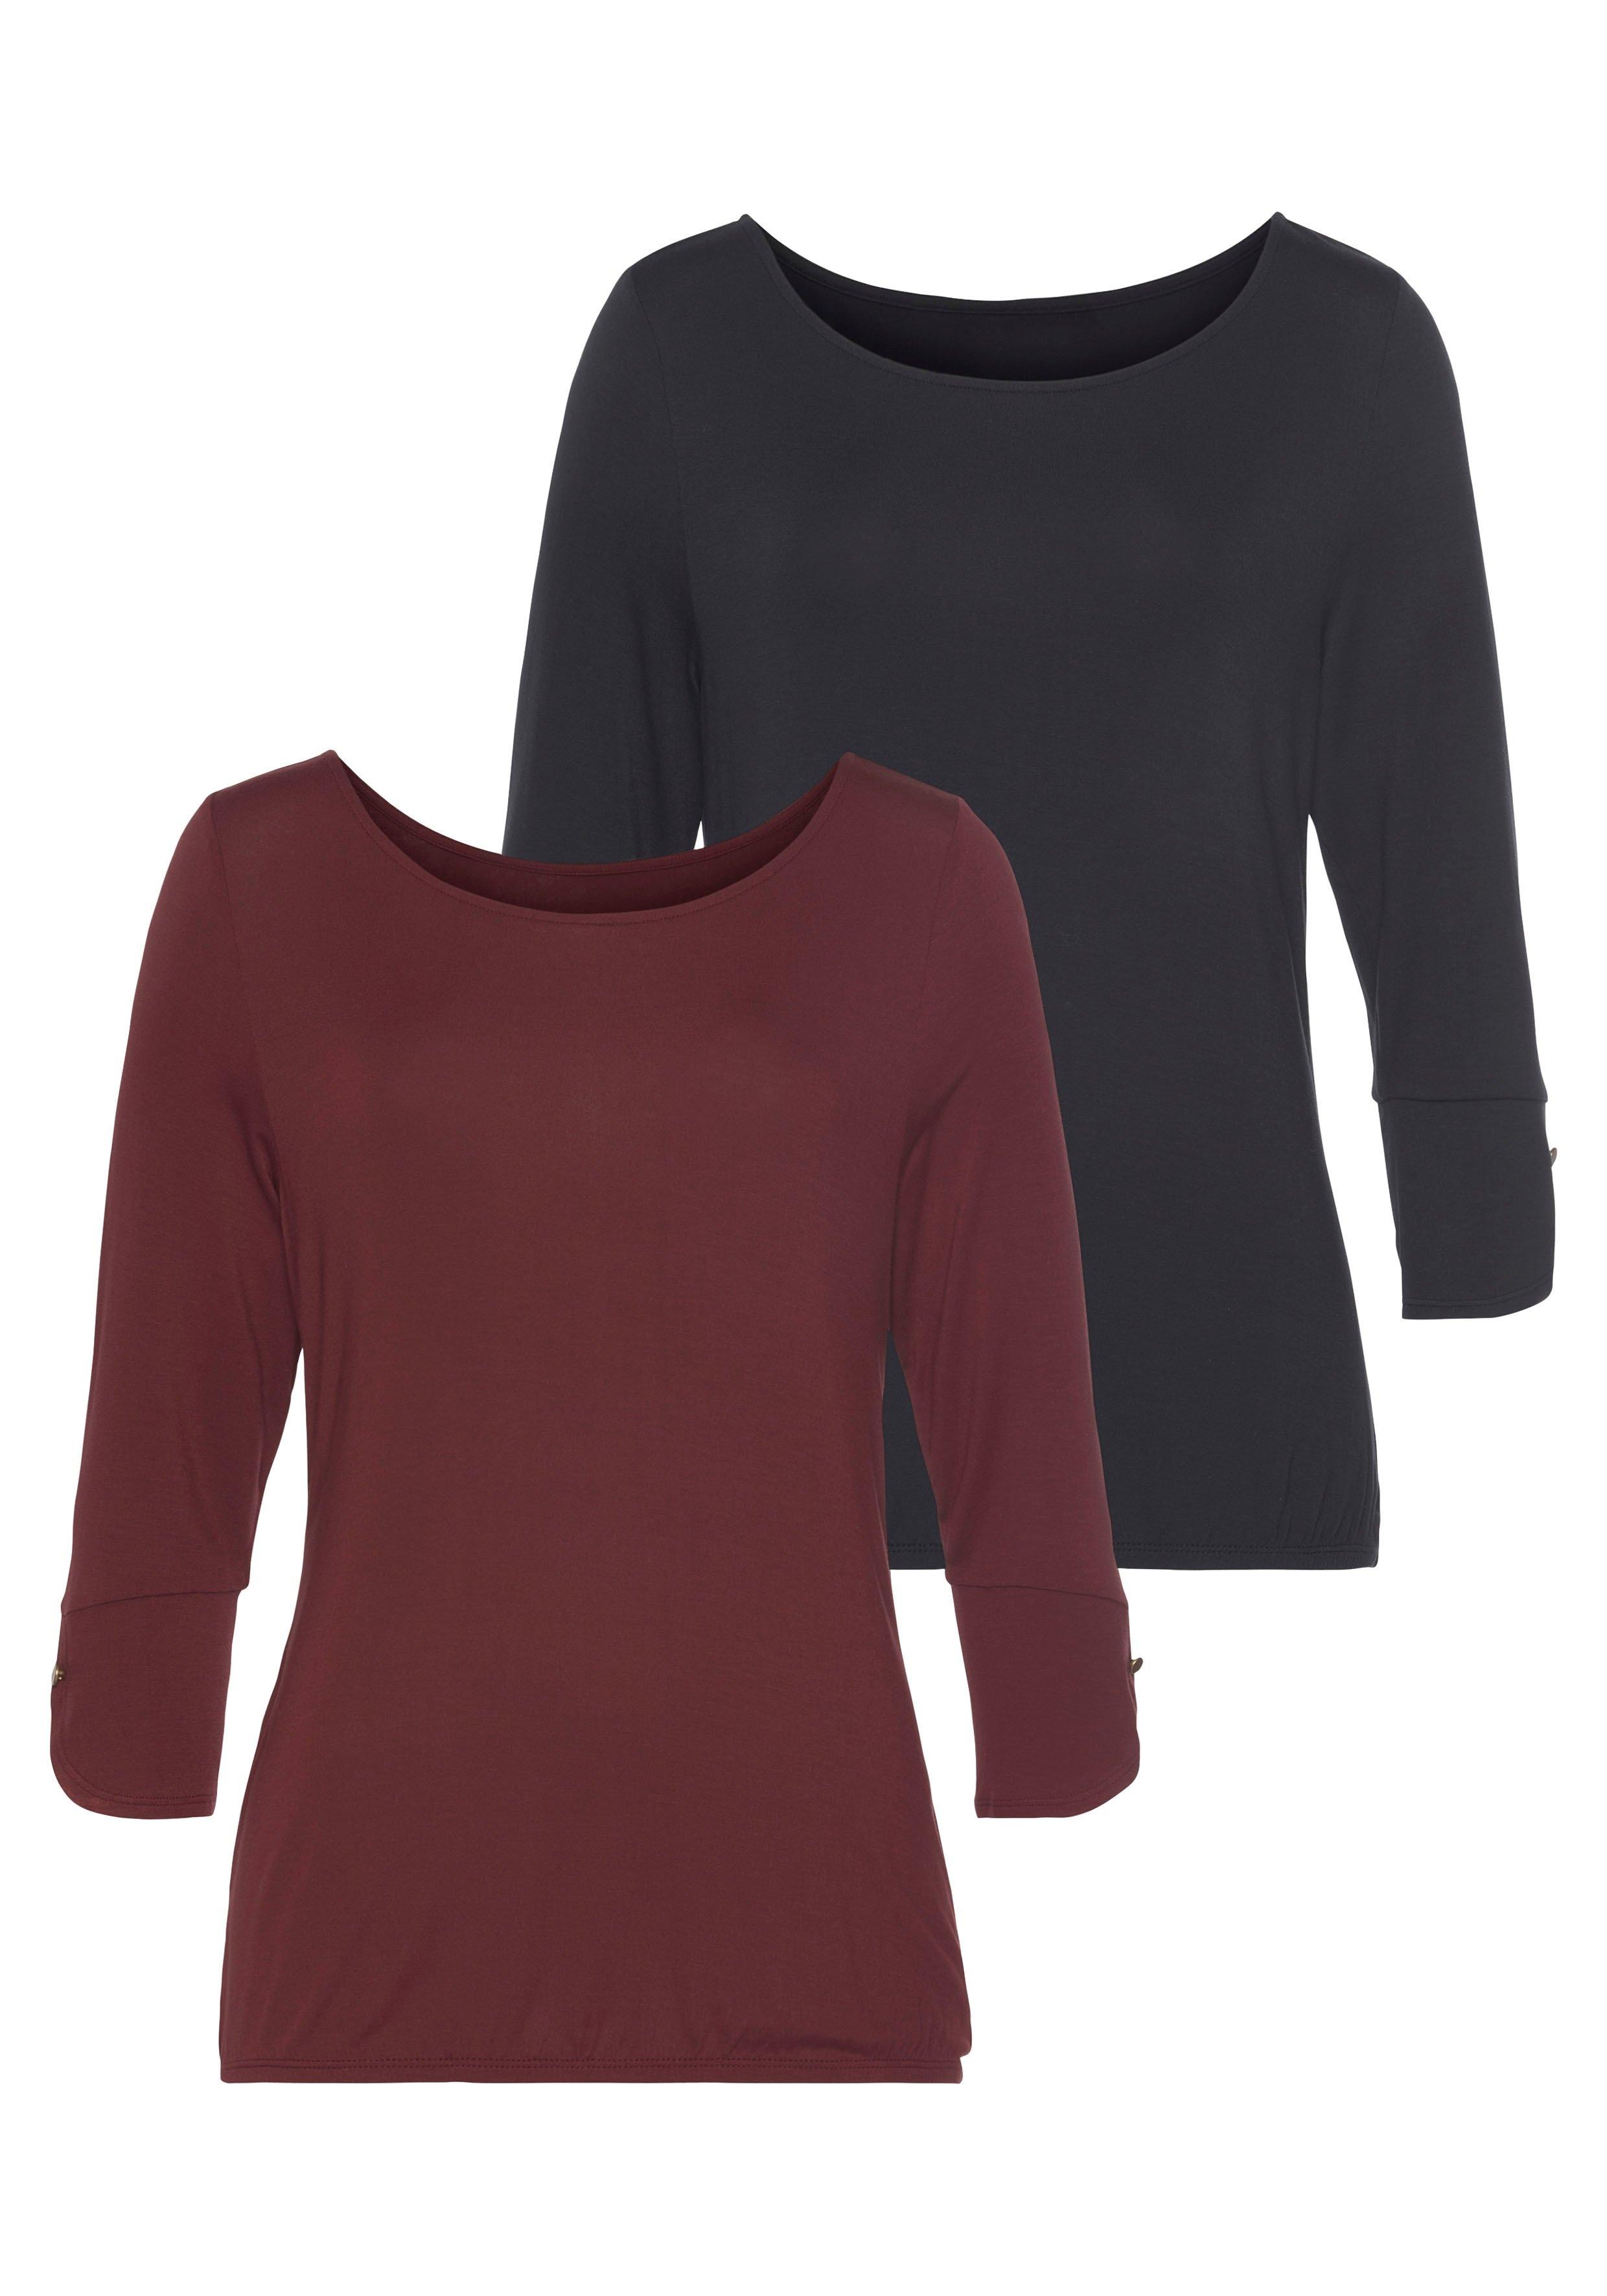 Vivance shirt met 3/4-mouwen met modieuze manchetten en goudkleurige knopen (Set van 2) - gratis ruilen op lascana.nl